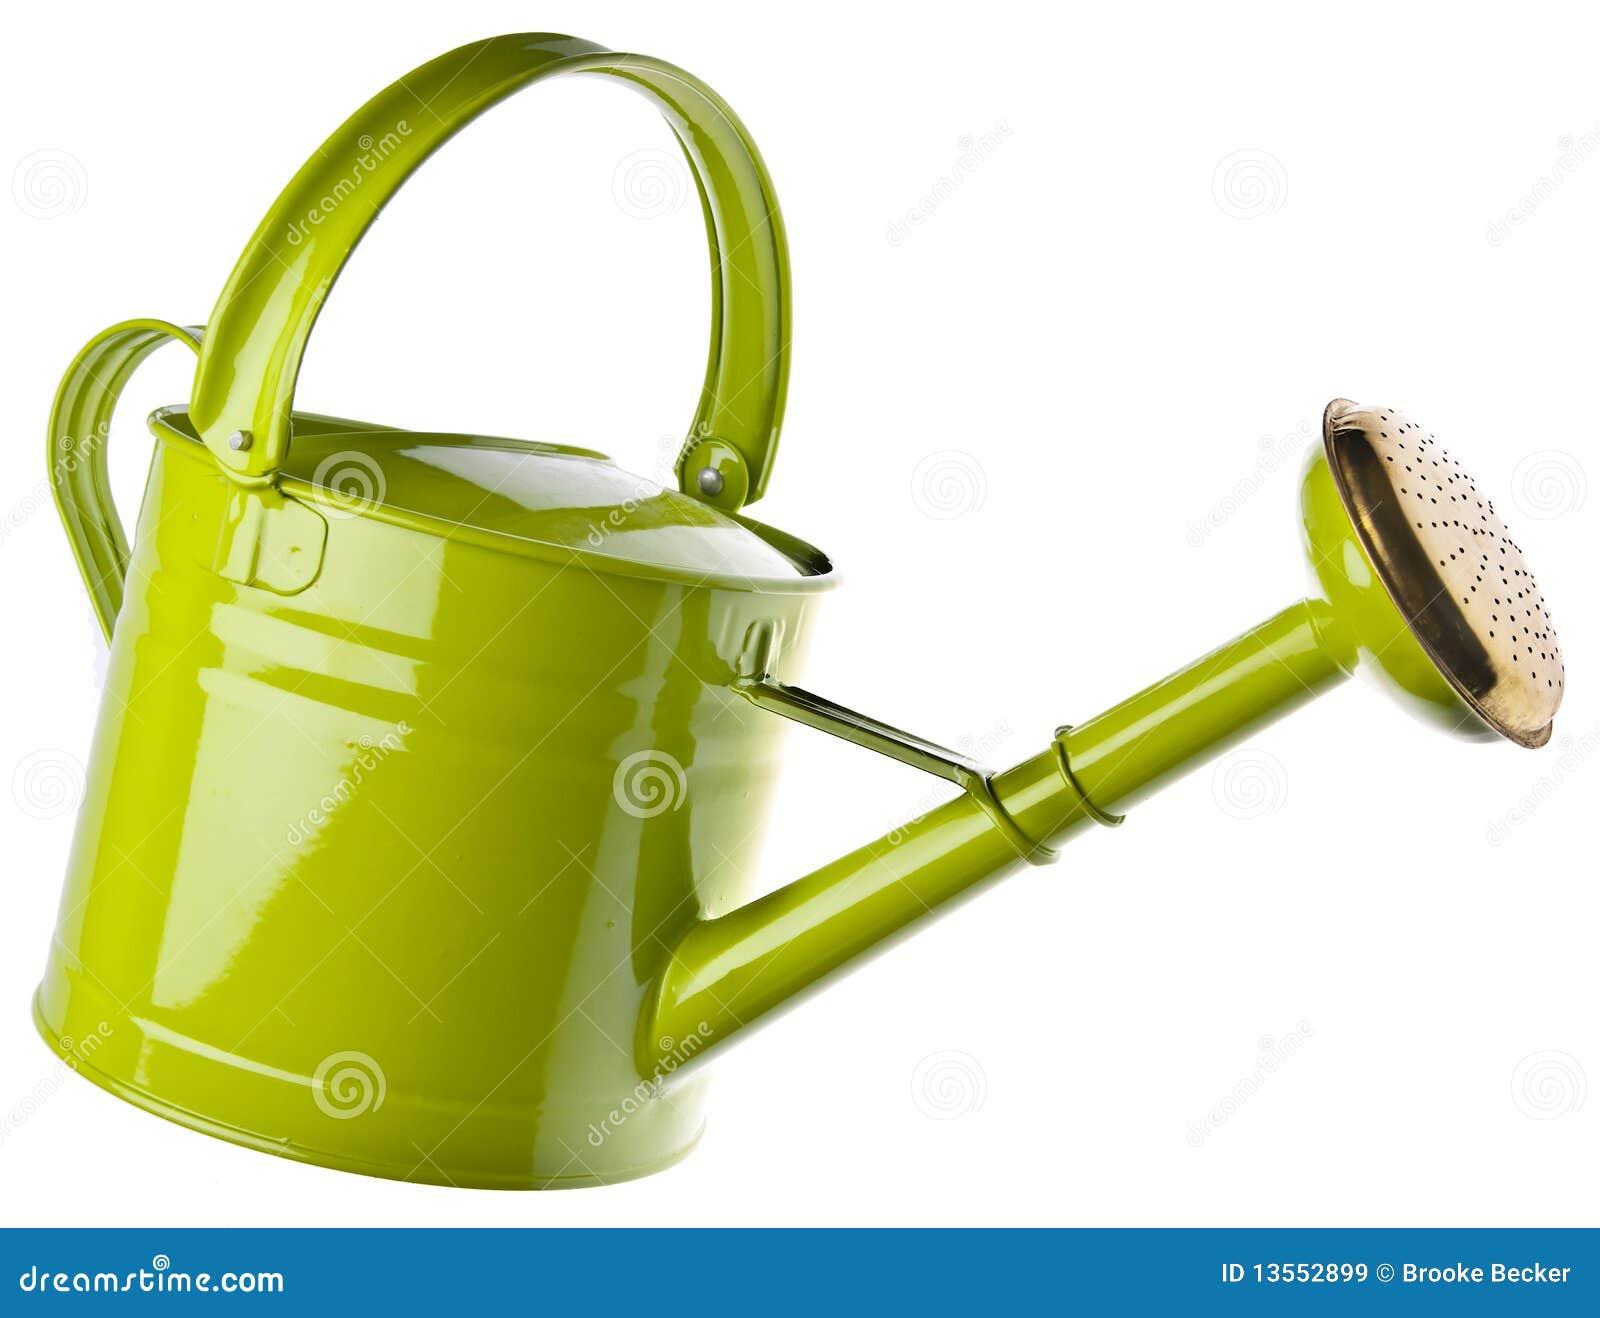 Bewässerungs-Dose